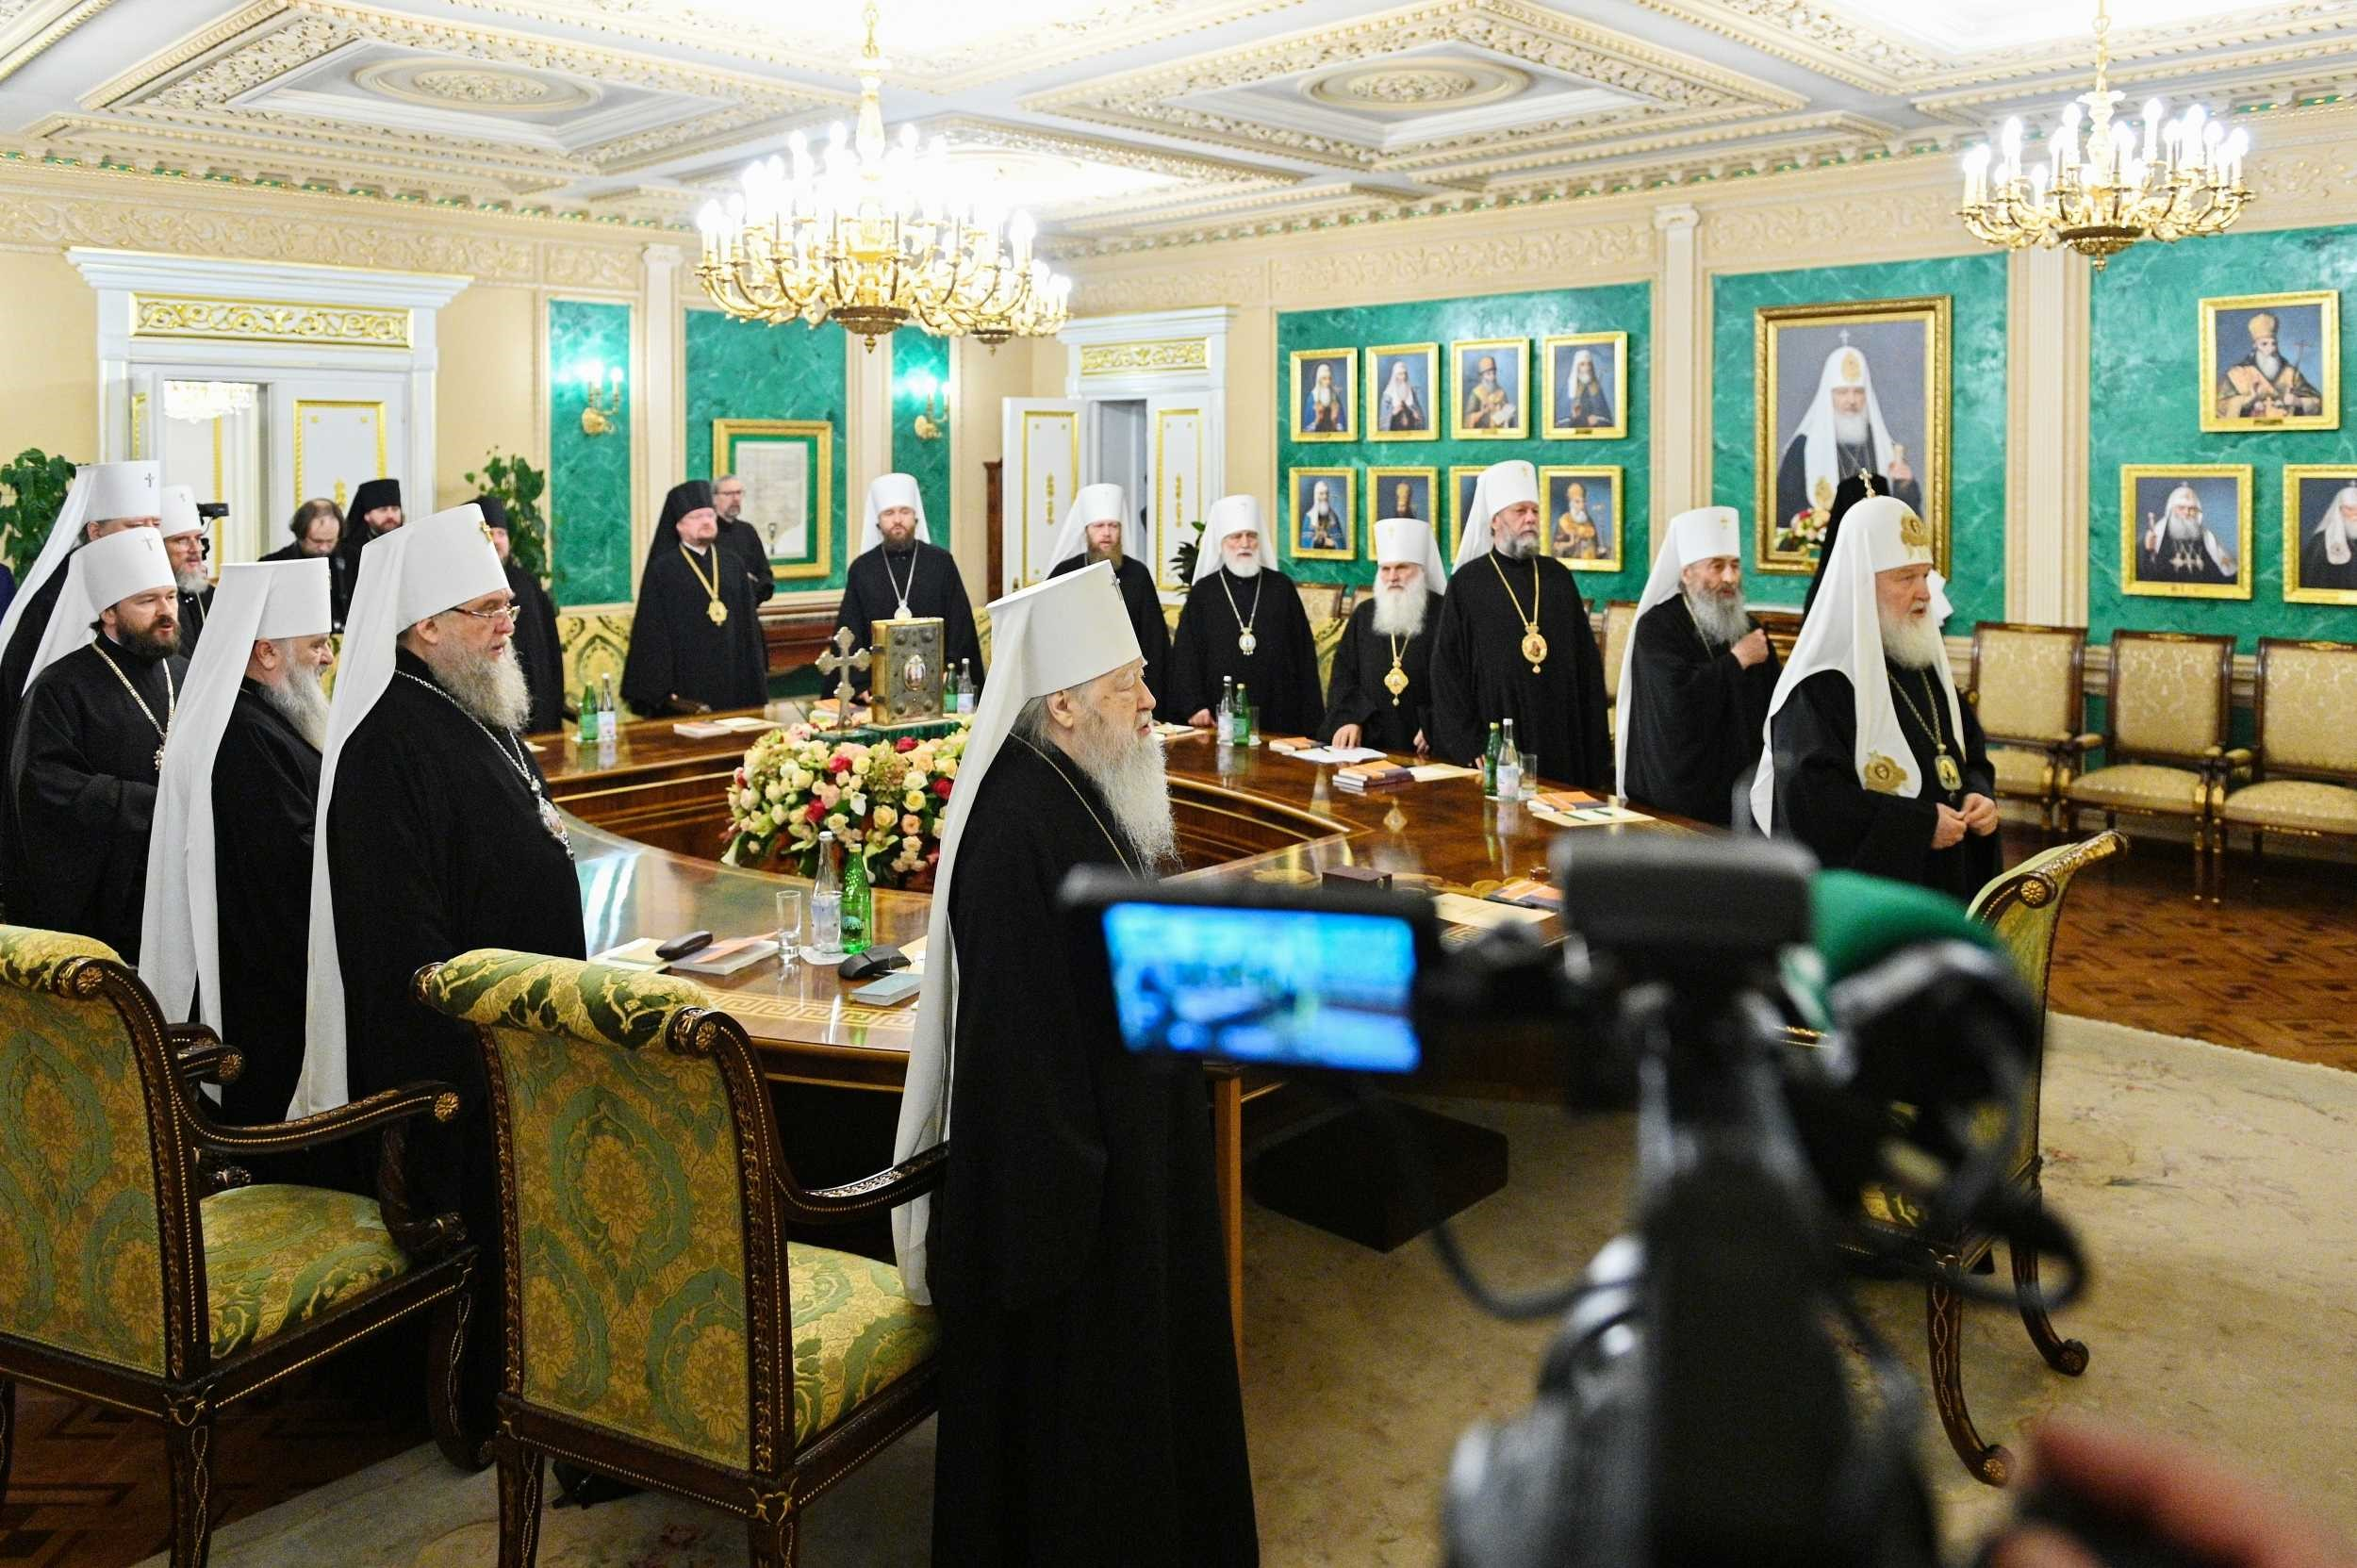 17 жовтня в патріаршій і синодальній резиденції в Даниловому монастирі в Москві патріарх Московський Кирило очолив позачергове засідання Священного синоду РПЦ